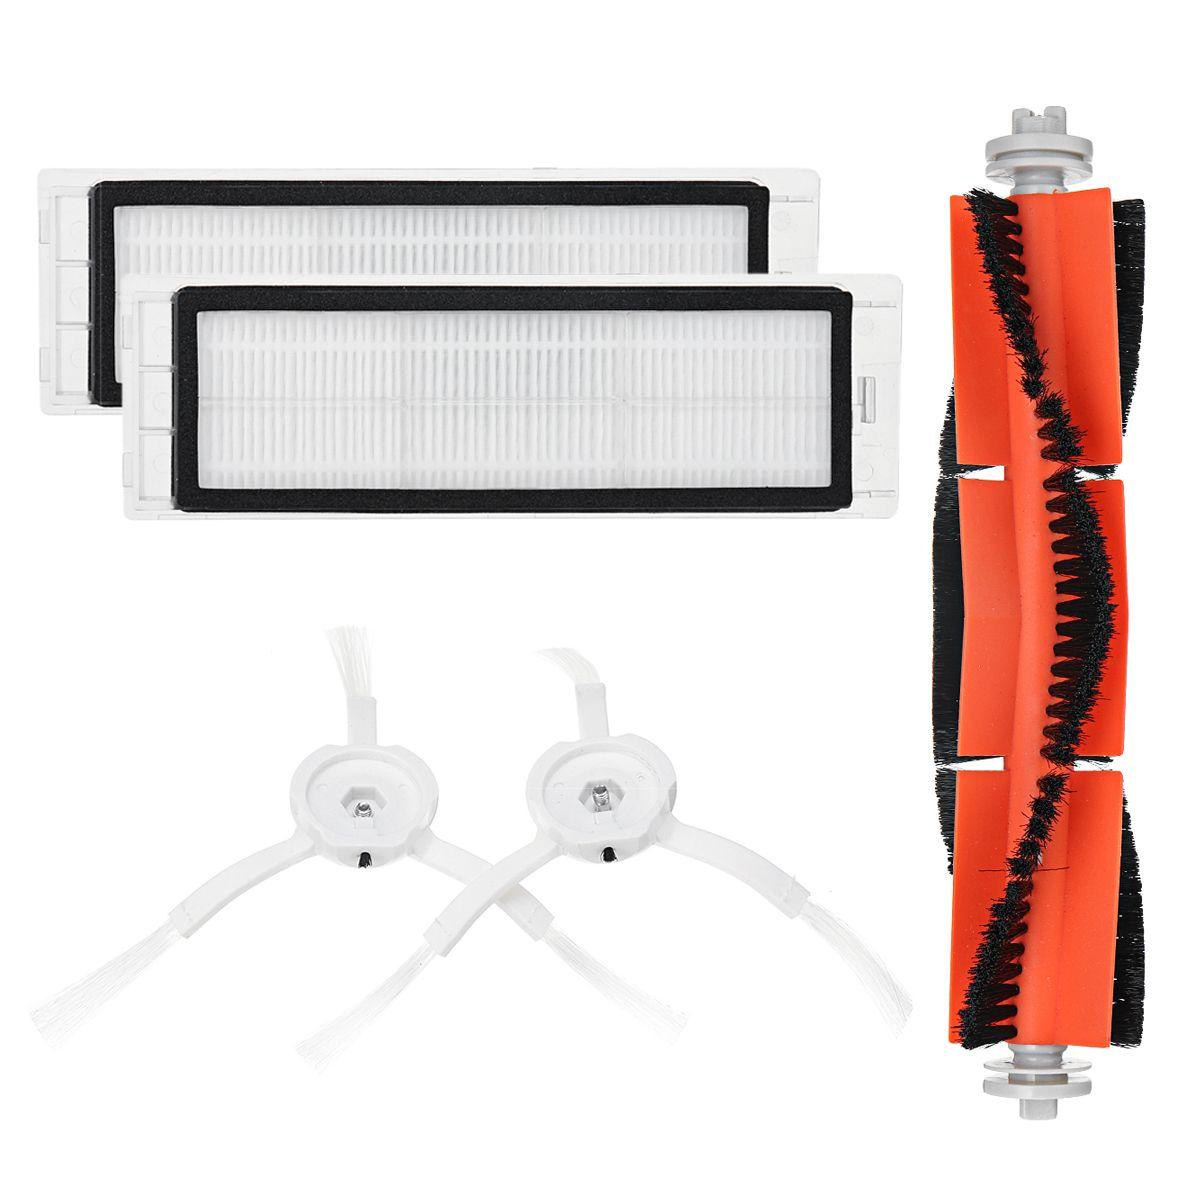 Pièces détachées pour aspirateur robot Xiaomi (brosse principale + filtre + brosse latérale)